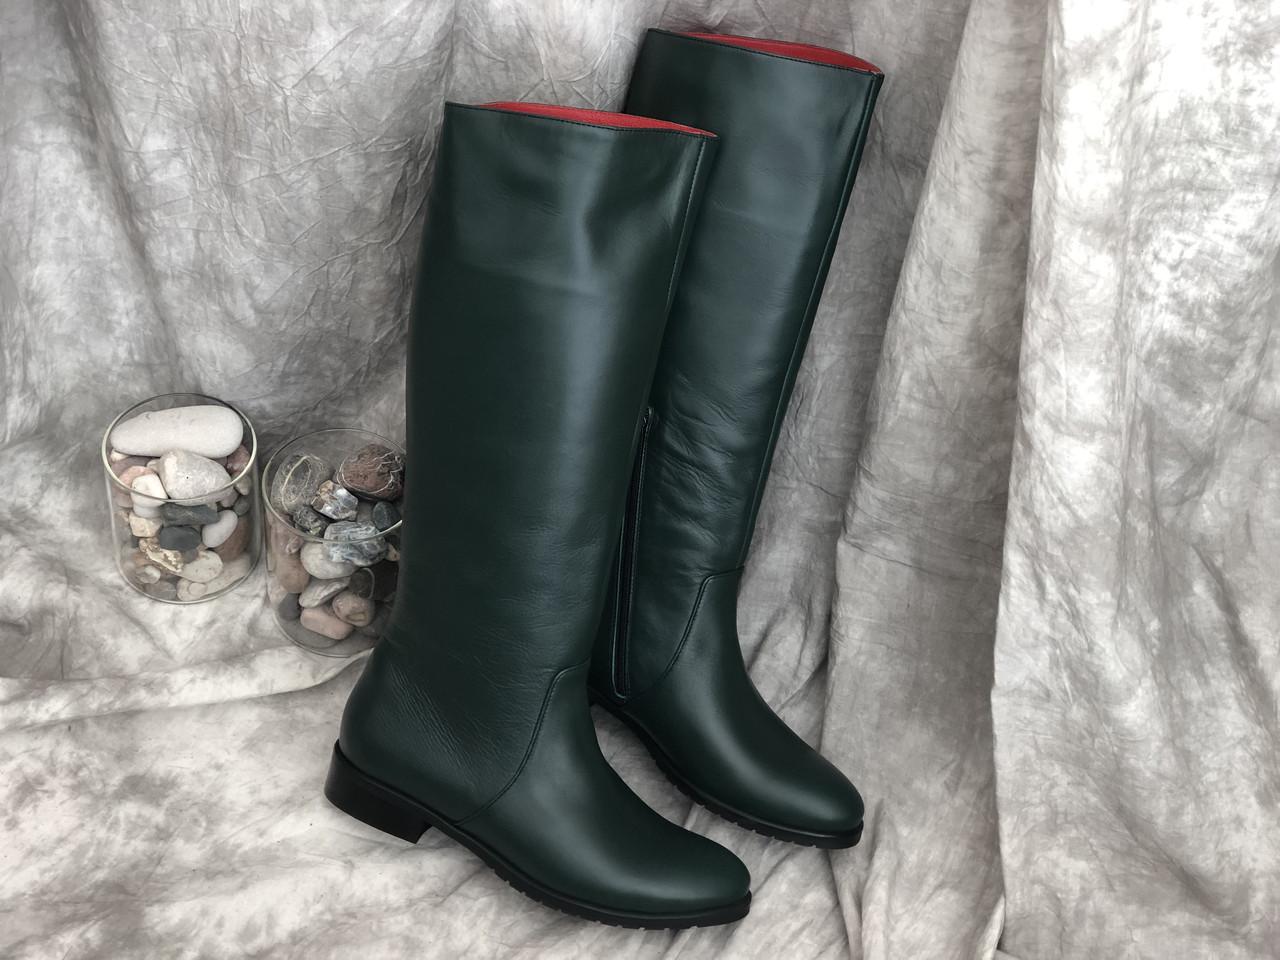 Кожаные женские сапоги очень удобные Alexander 863 зел размеры 36,37,38,39,40,41